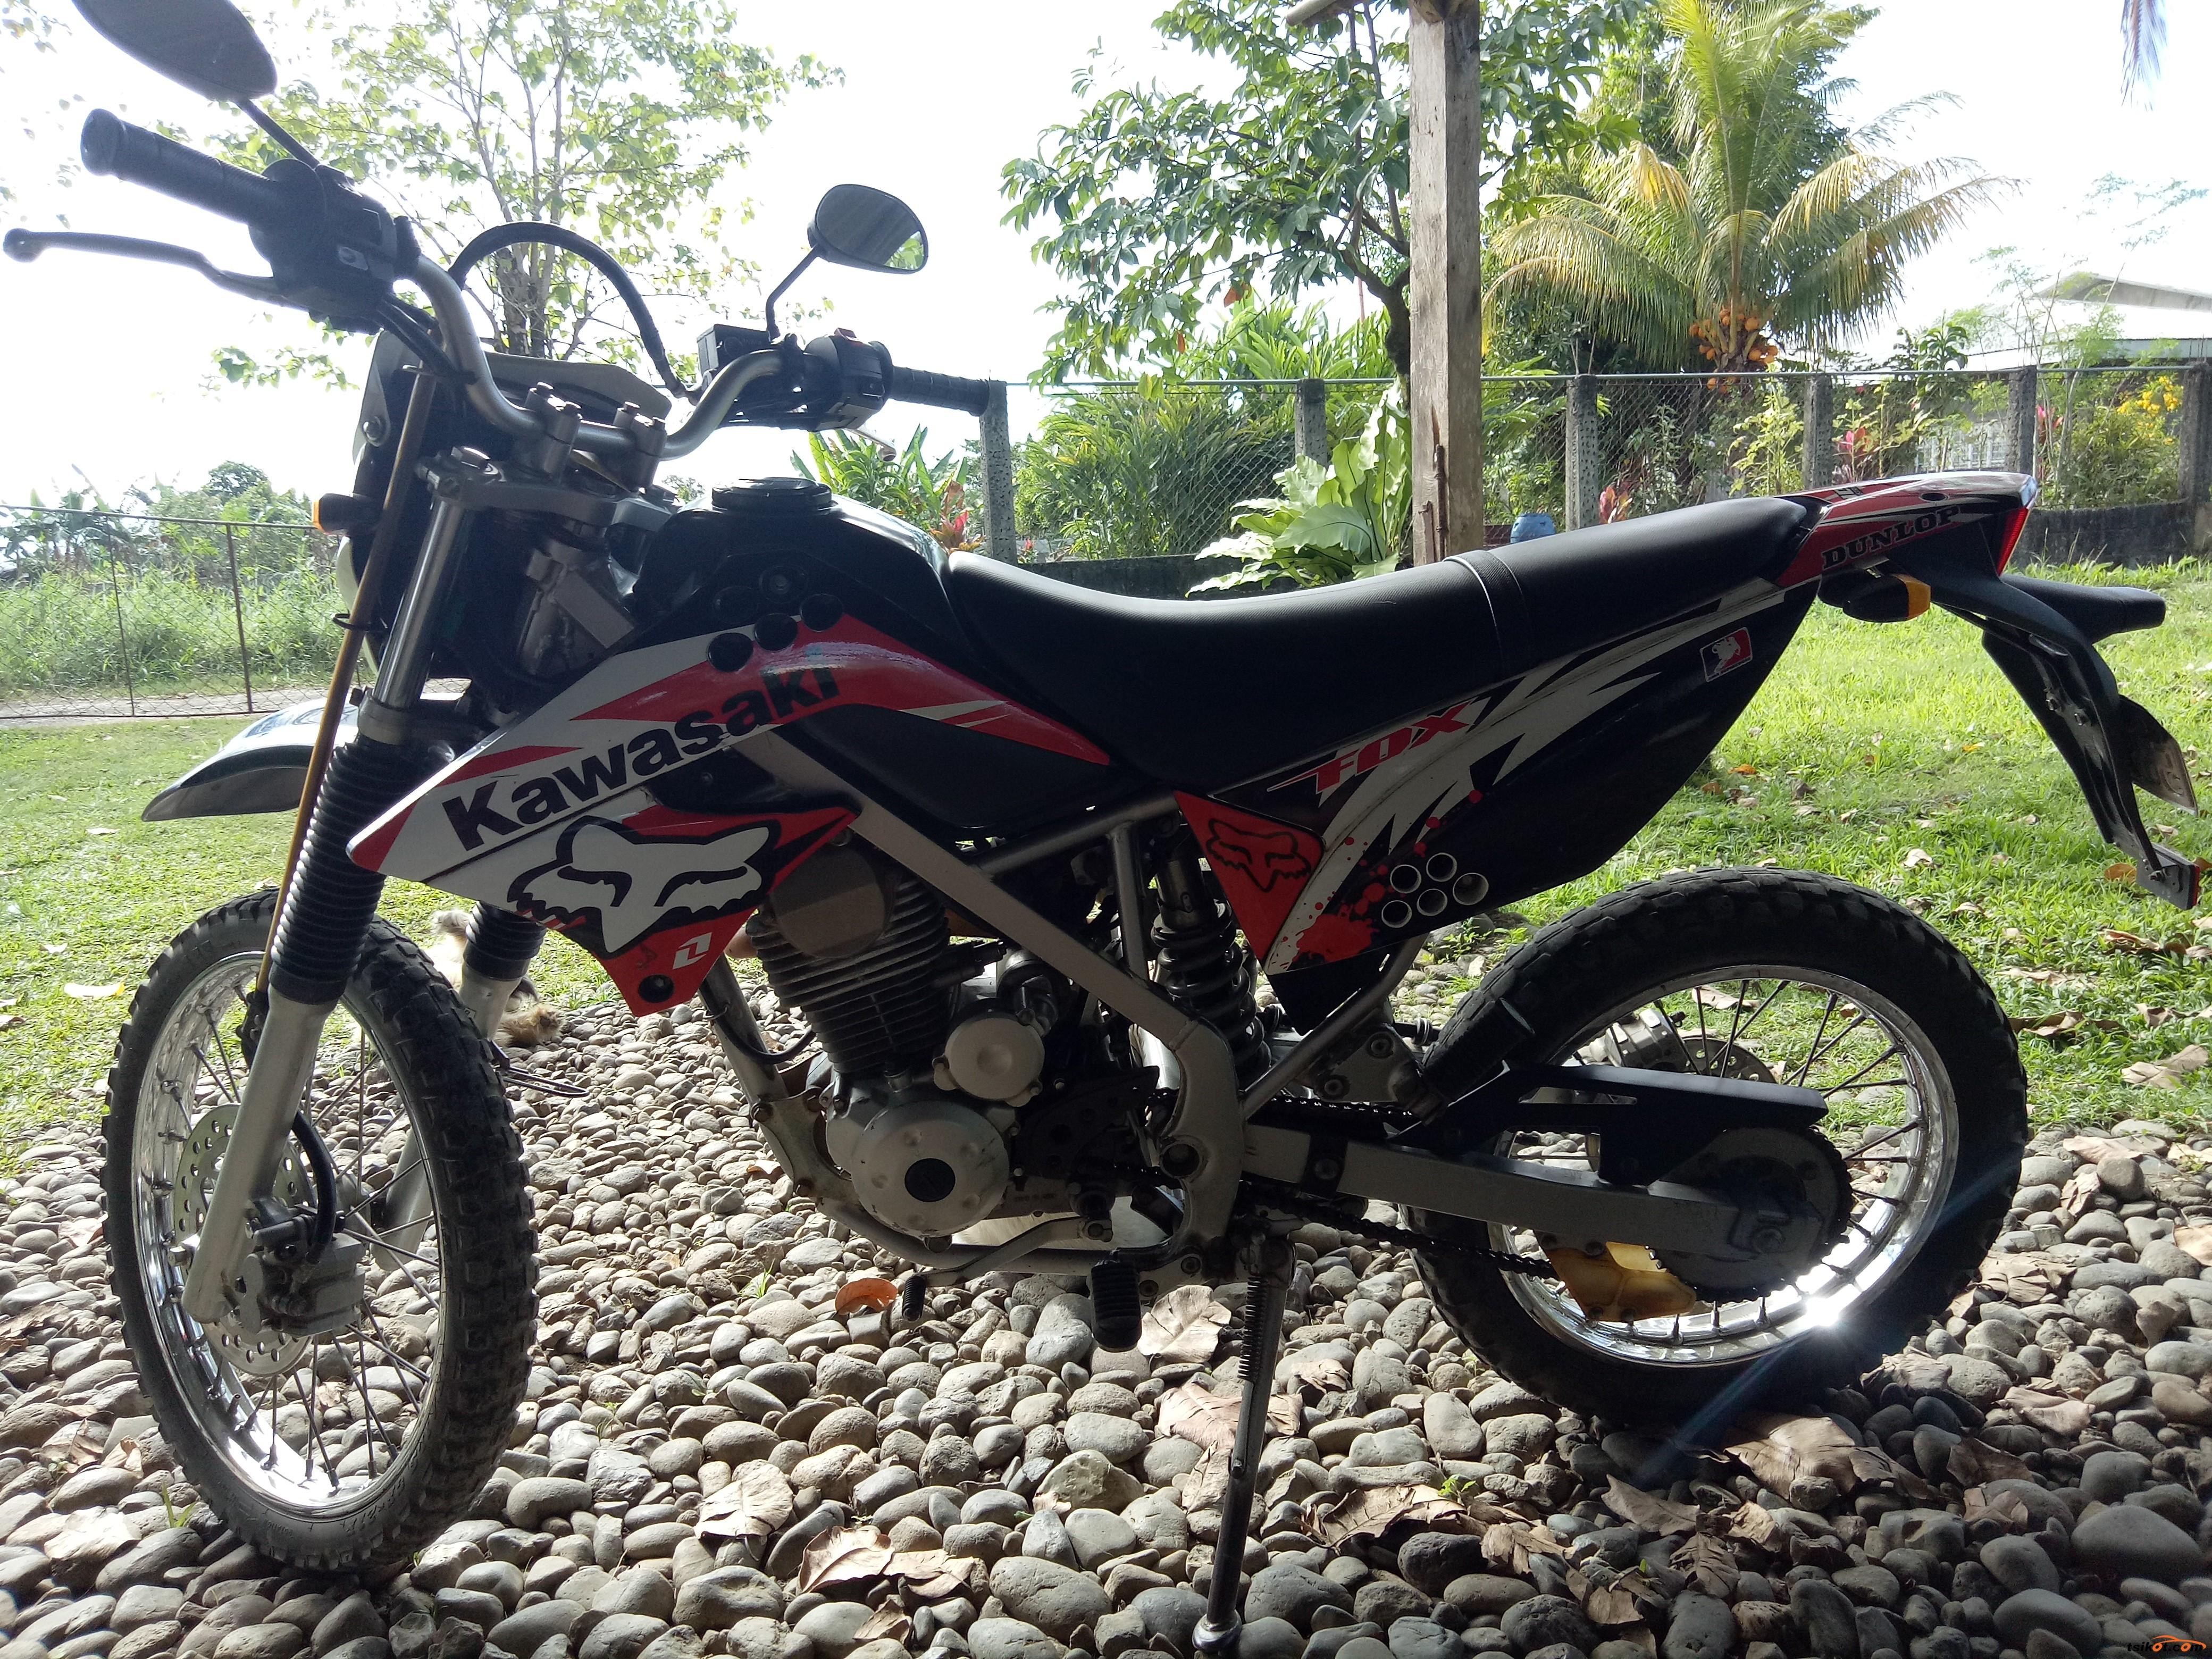 Kawasaki Klx 140 2013 - 6